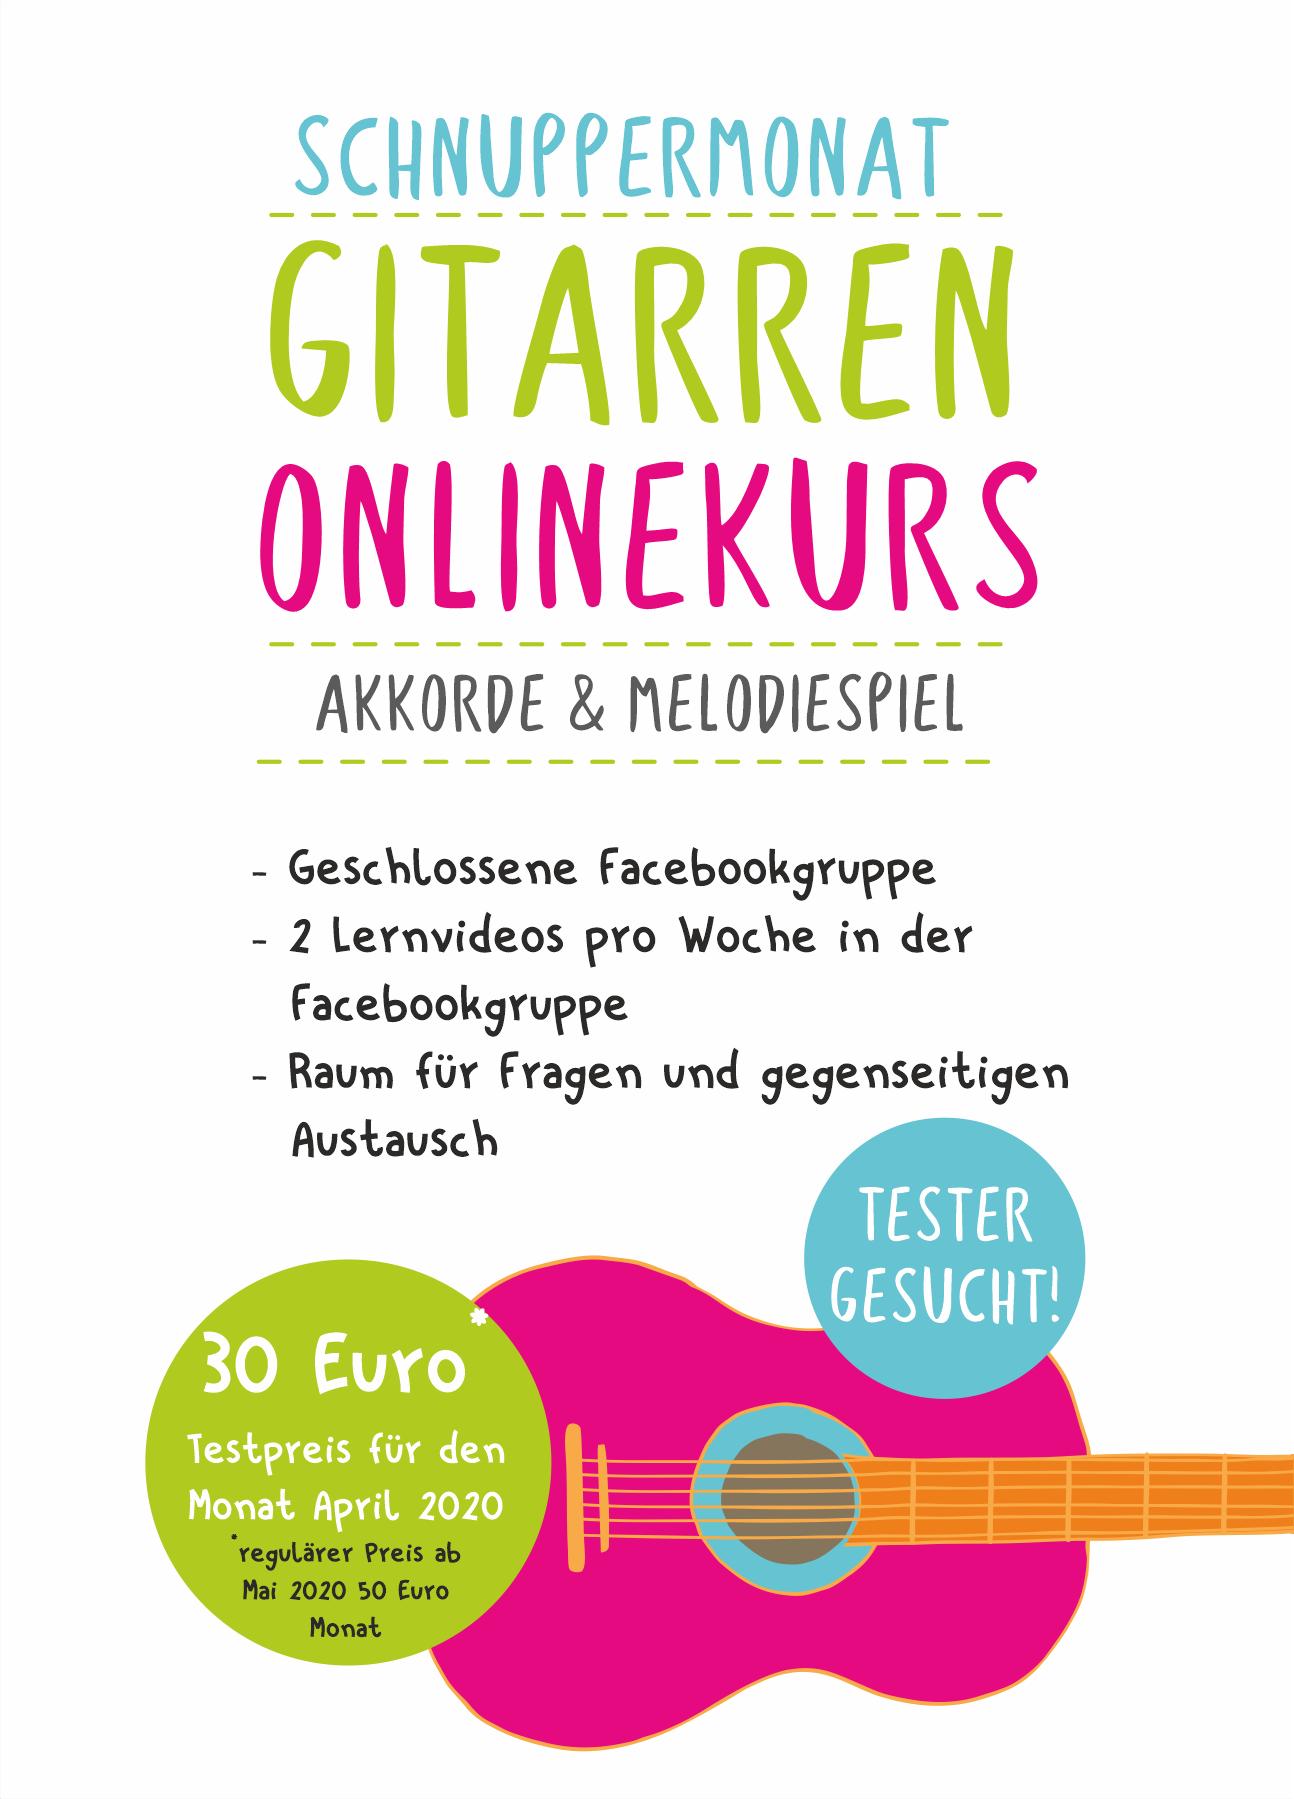 Gitarren-Onlinekurs